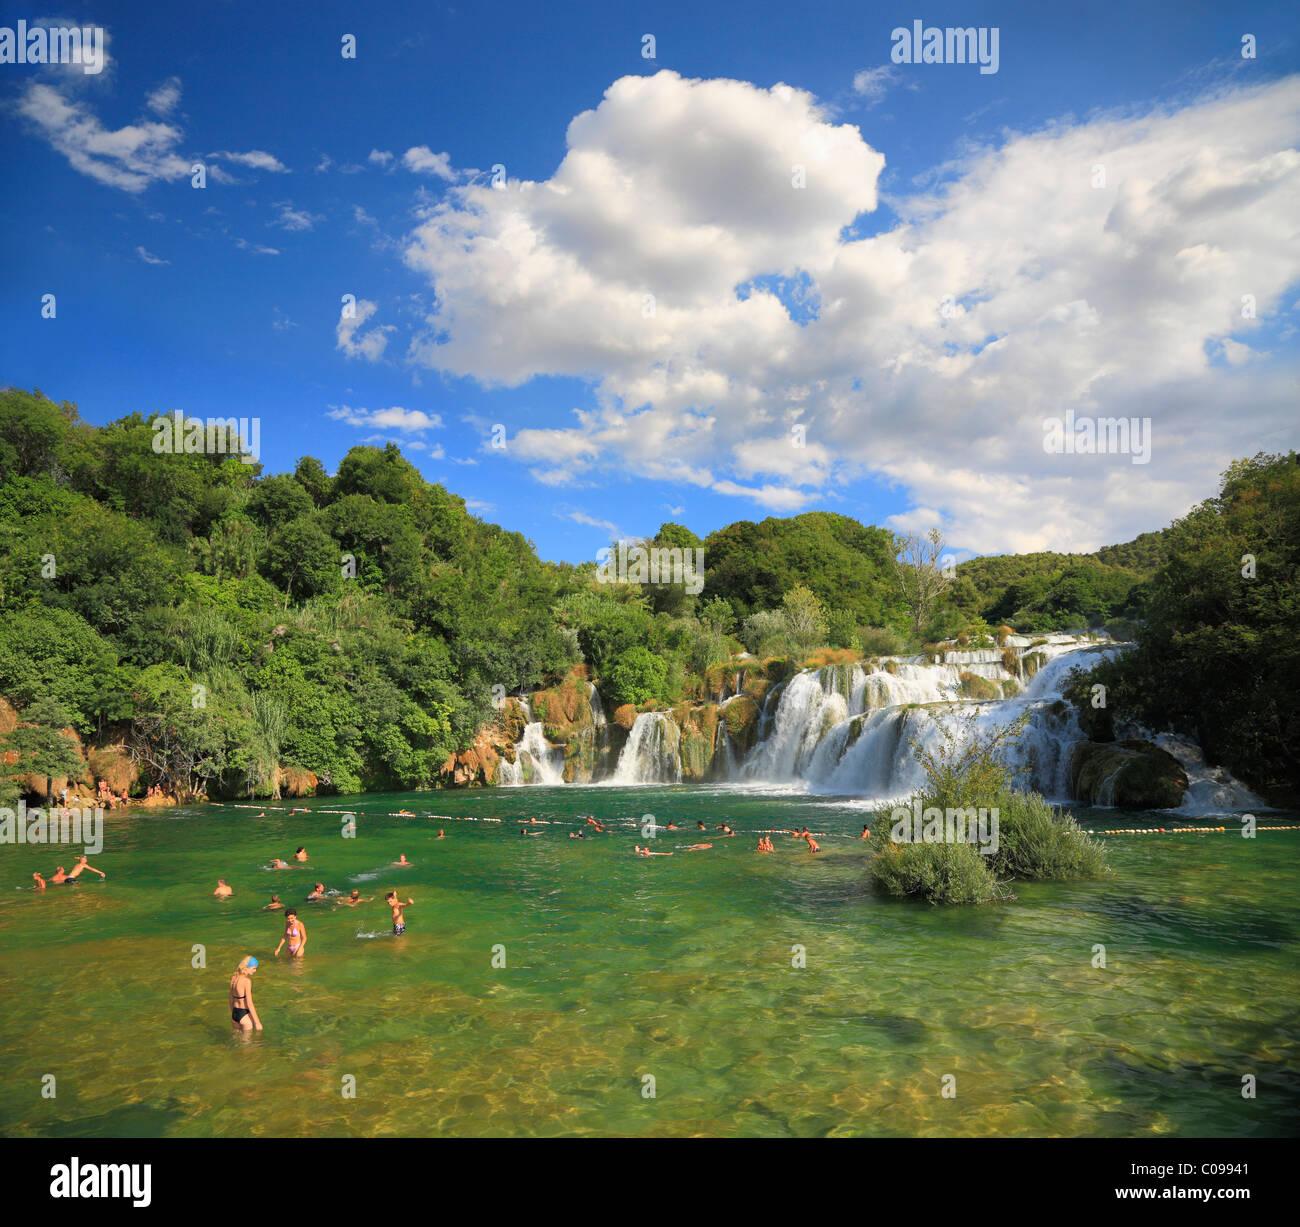 Nationalpark Krka in Kroatien in der Nähe von Sibenik. Stockfoto